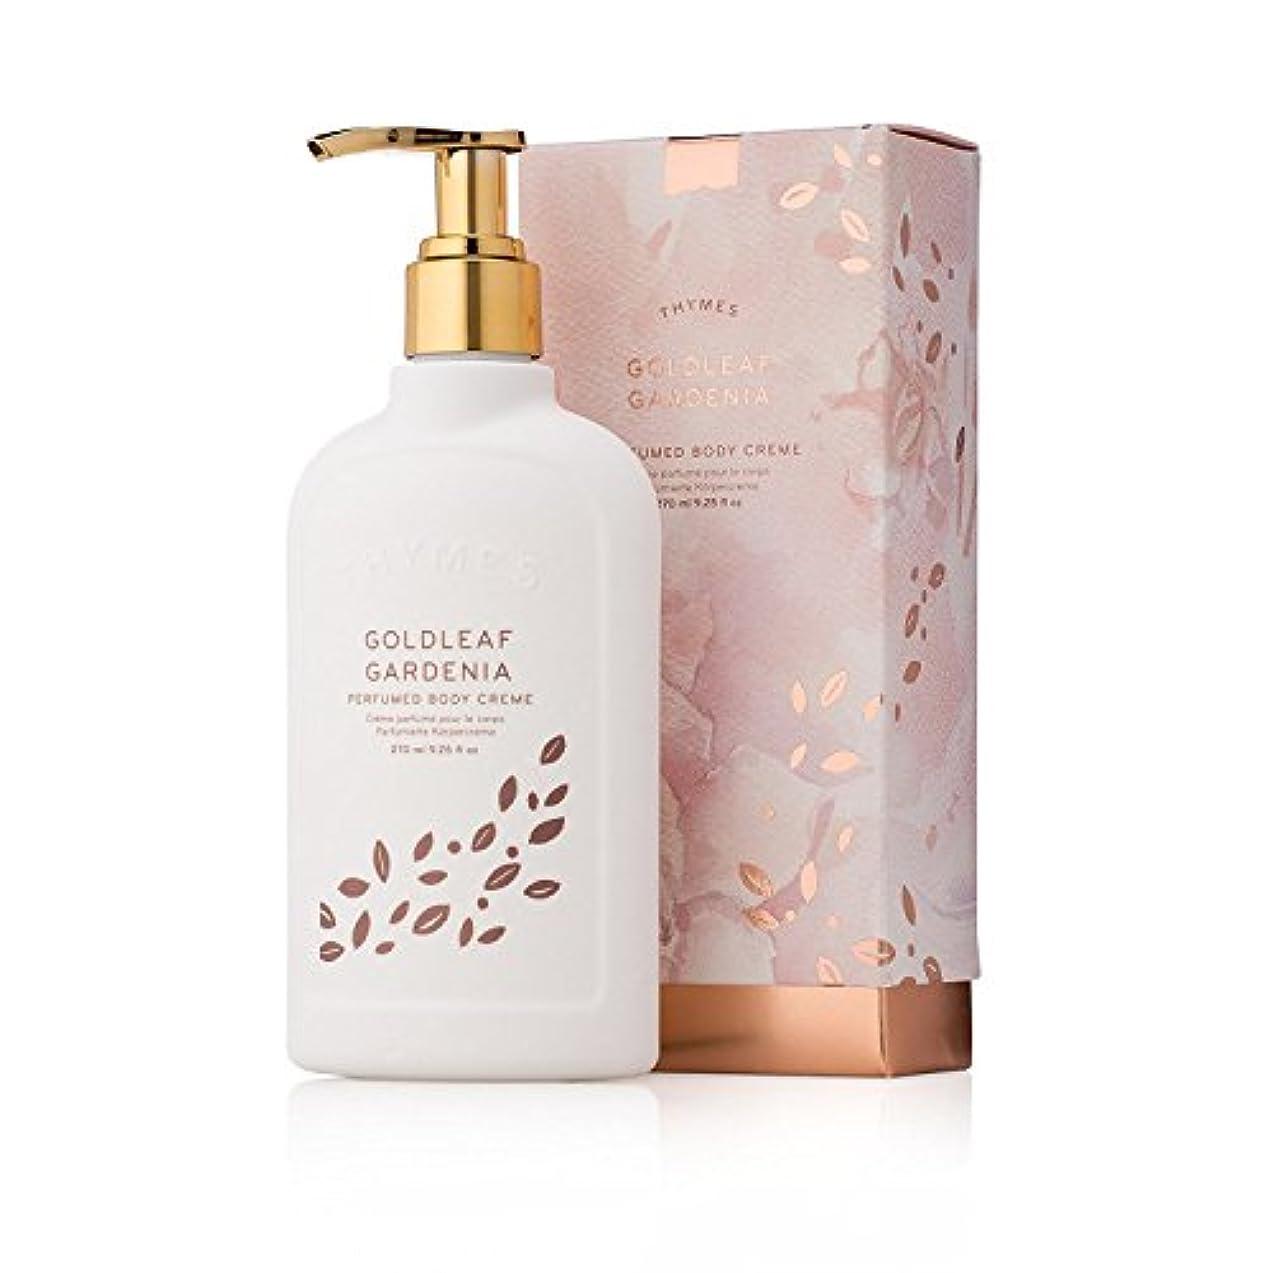 無声でクーポンタイムズ Goldleaf Gardenia Perfumed Body Cream 270ml/9.25oz並行輸入品